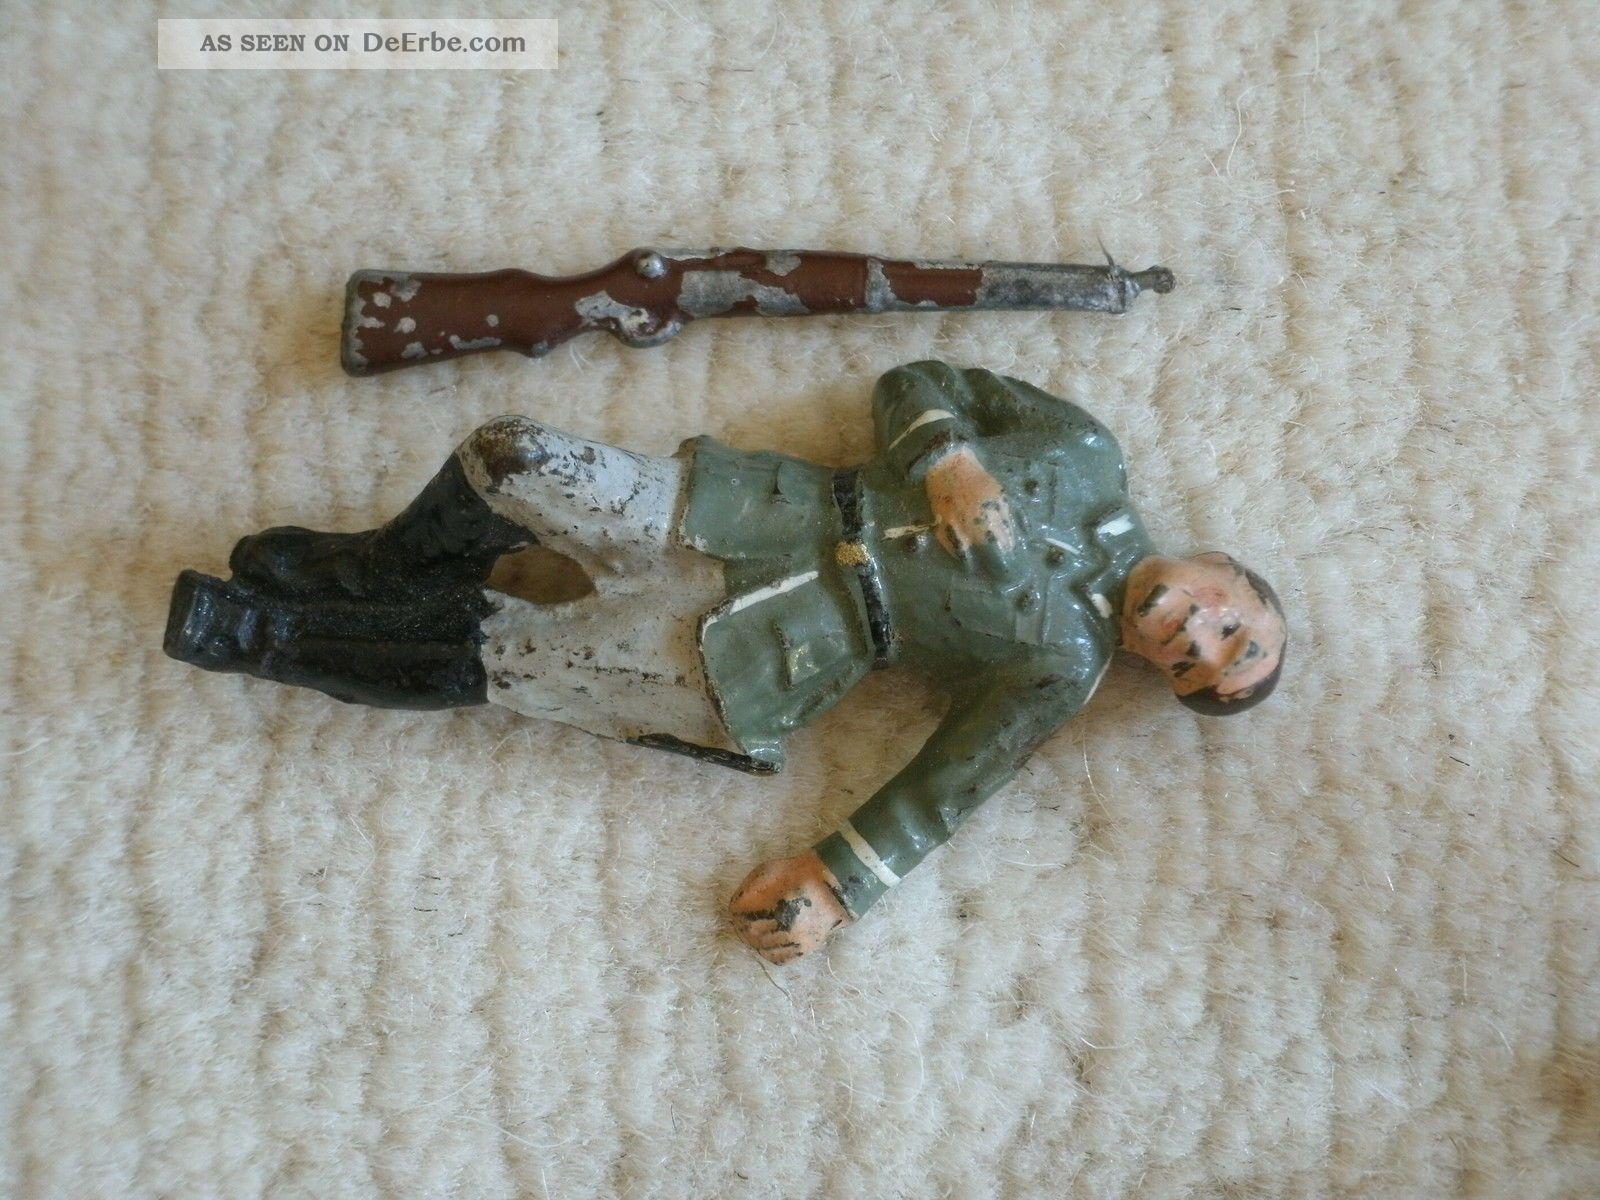 Lineol Elastolin Soldat Liegend Gefallen Mit Gewehr Gefertigt vor 1945 Bild